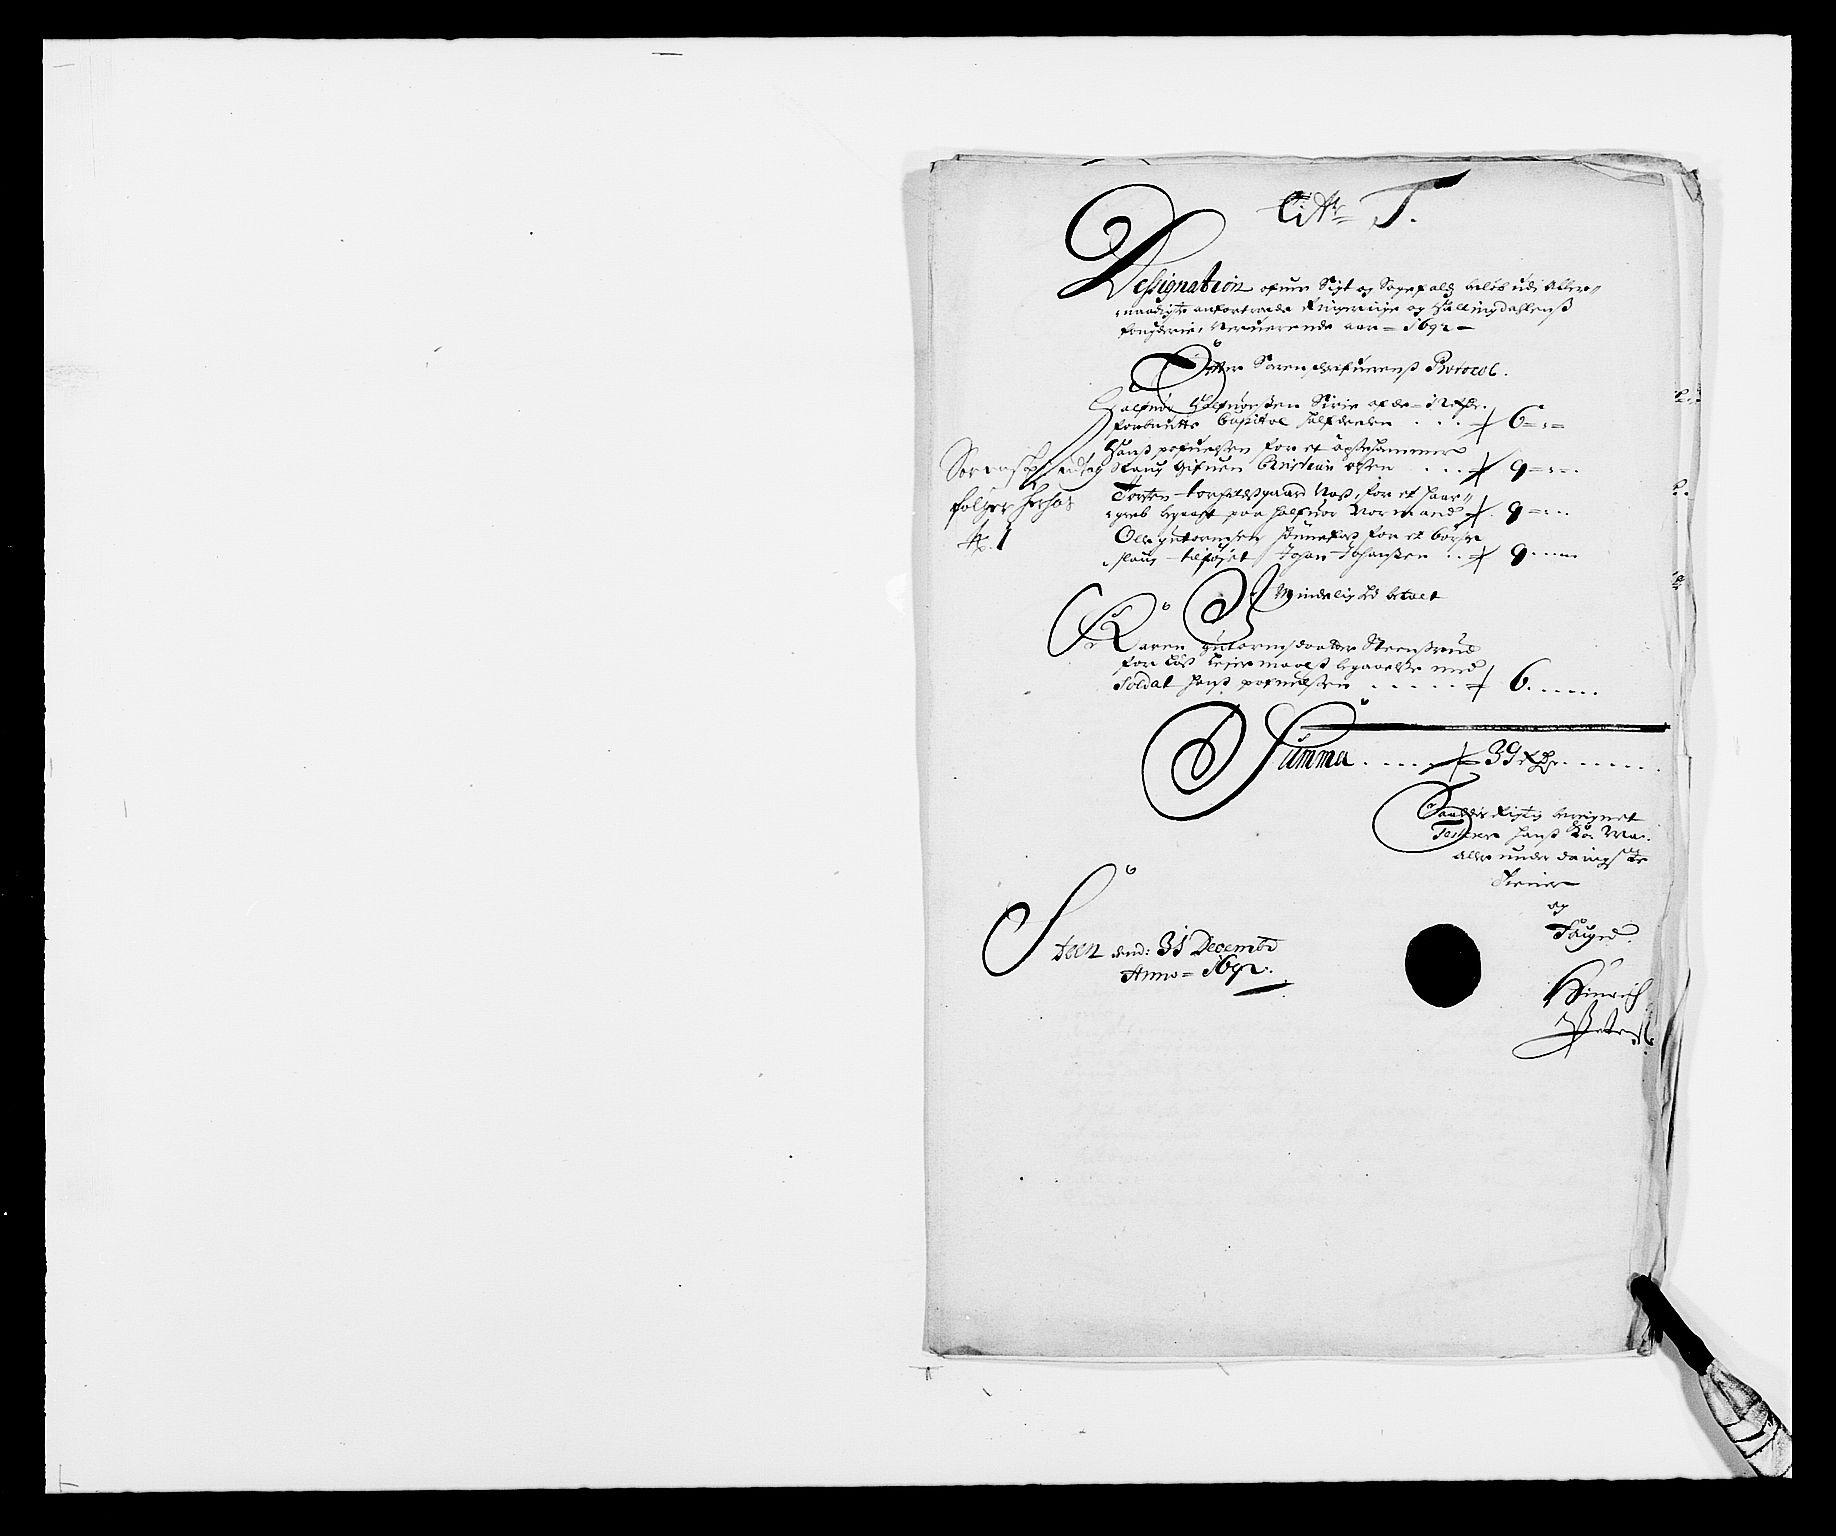 RA, Rentekammeret inntil 1814, Reviderte regnskaper, Fogderegnskap, R21/L1449: Fogderegnskap Ringerike og Hallingdal, 1690-1692, s. 7